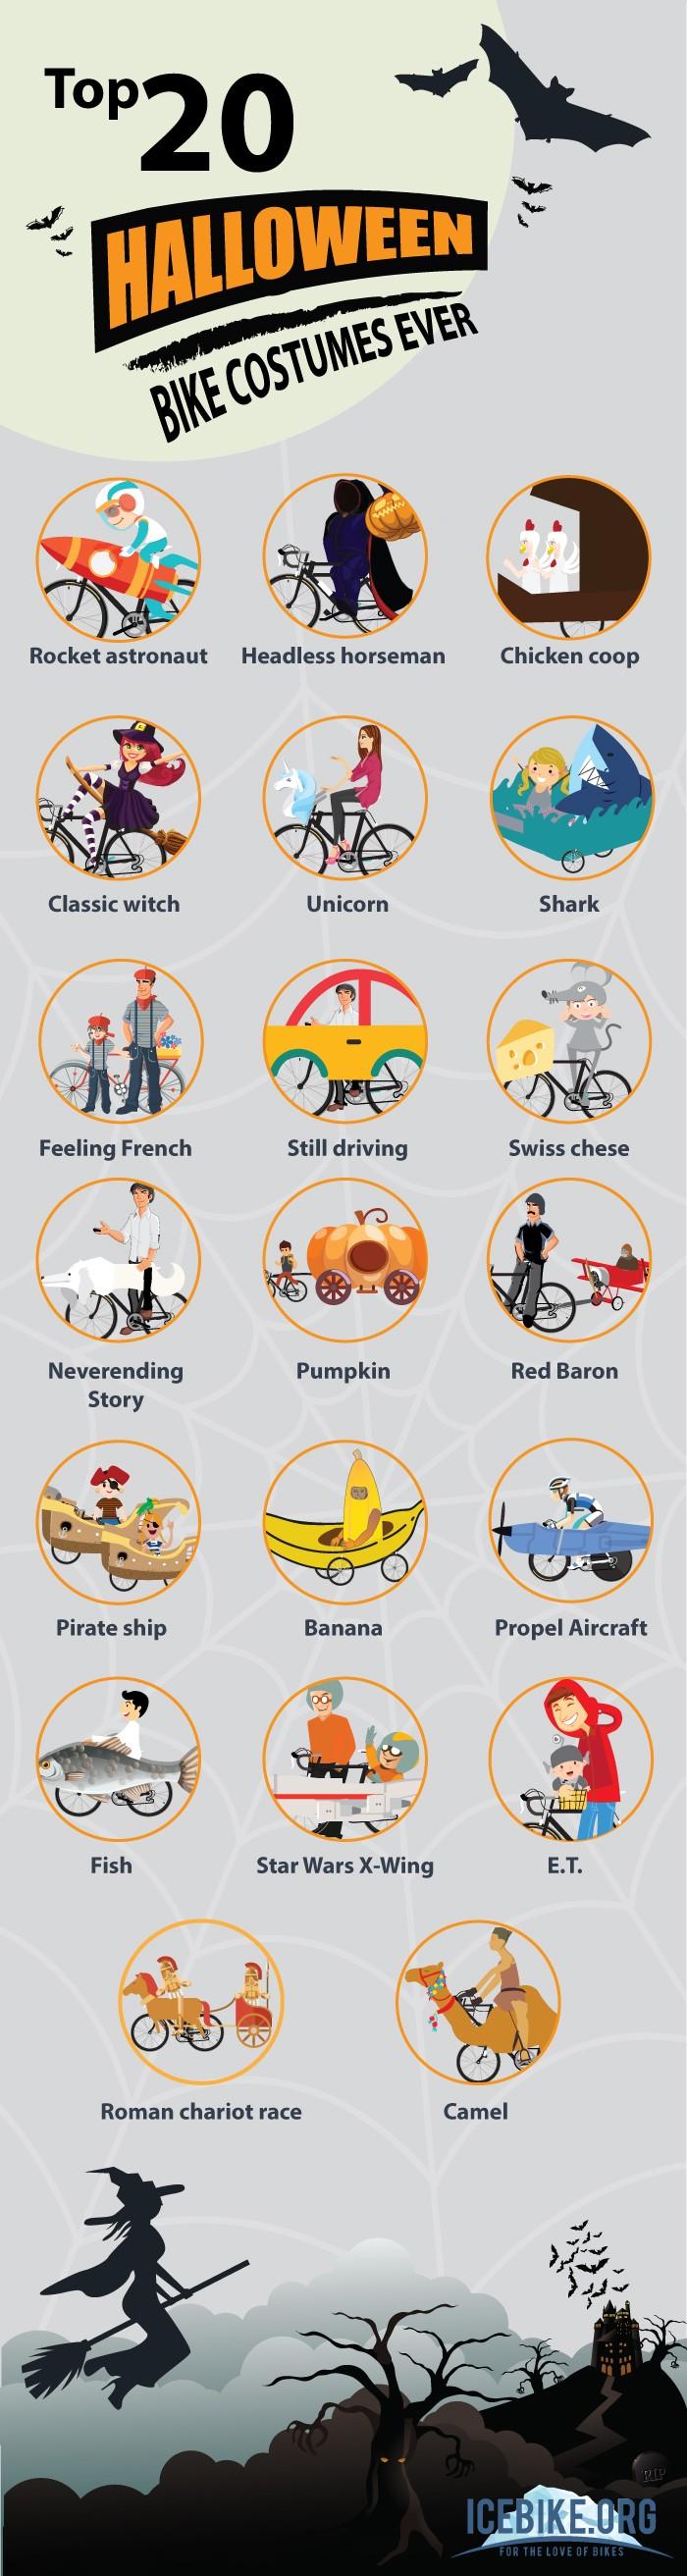 Top 20 Halloween Bike Costumes Ever